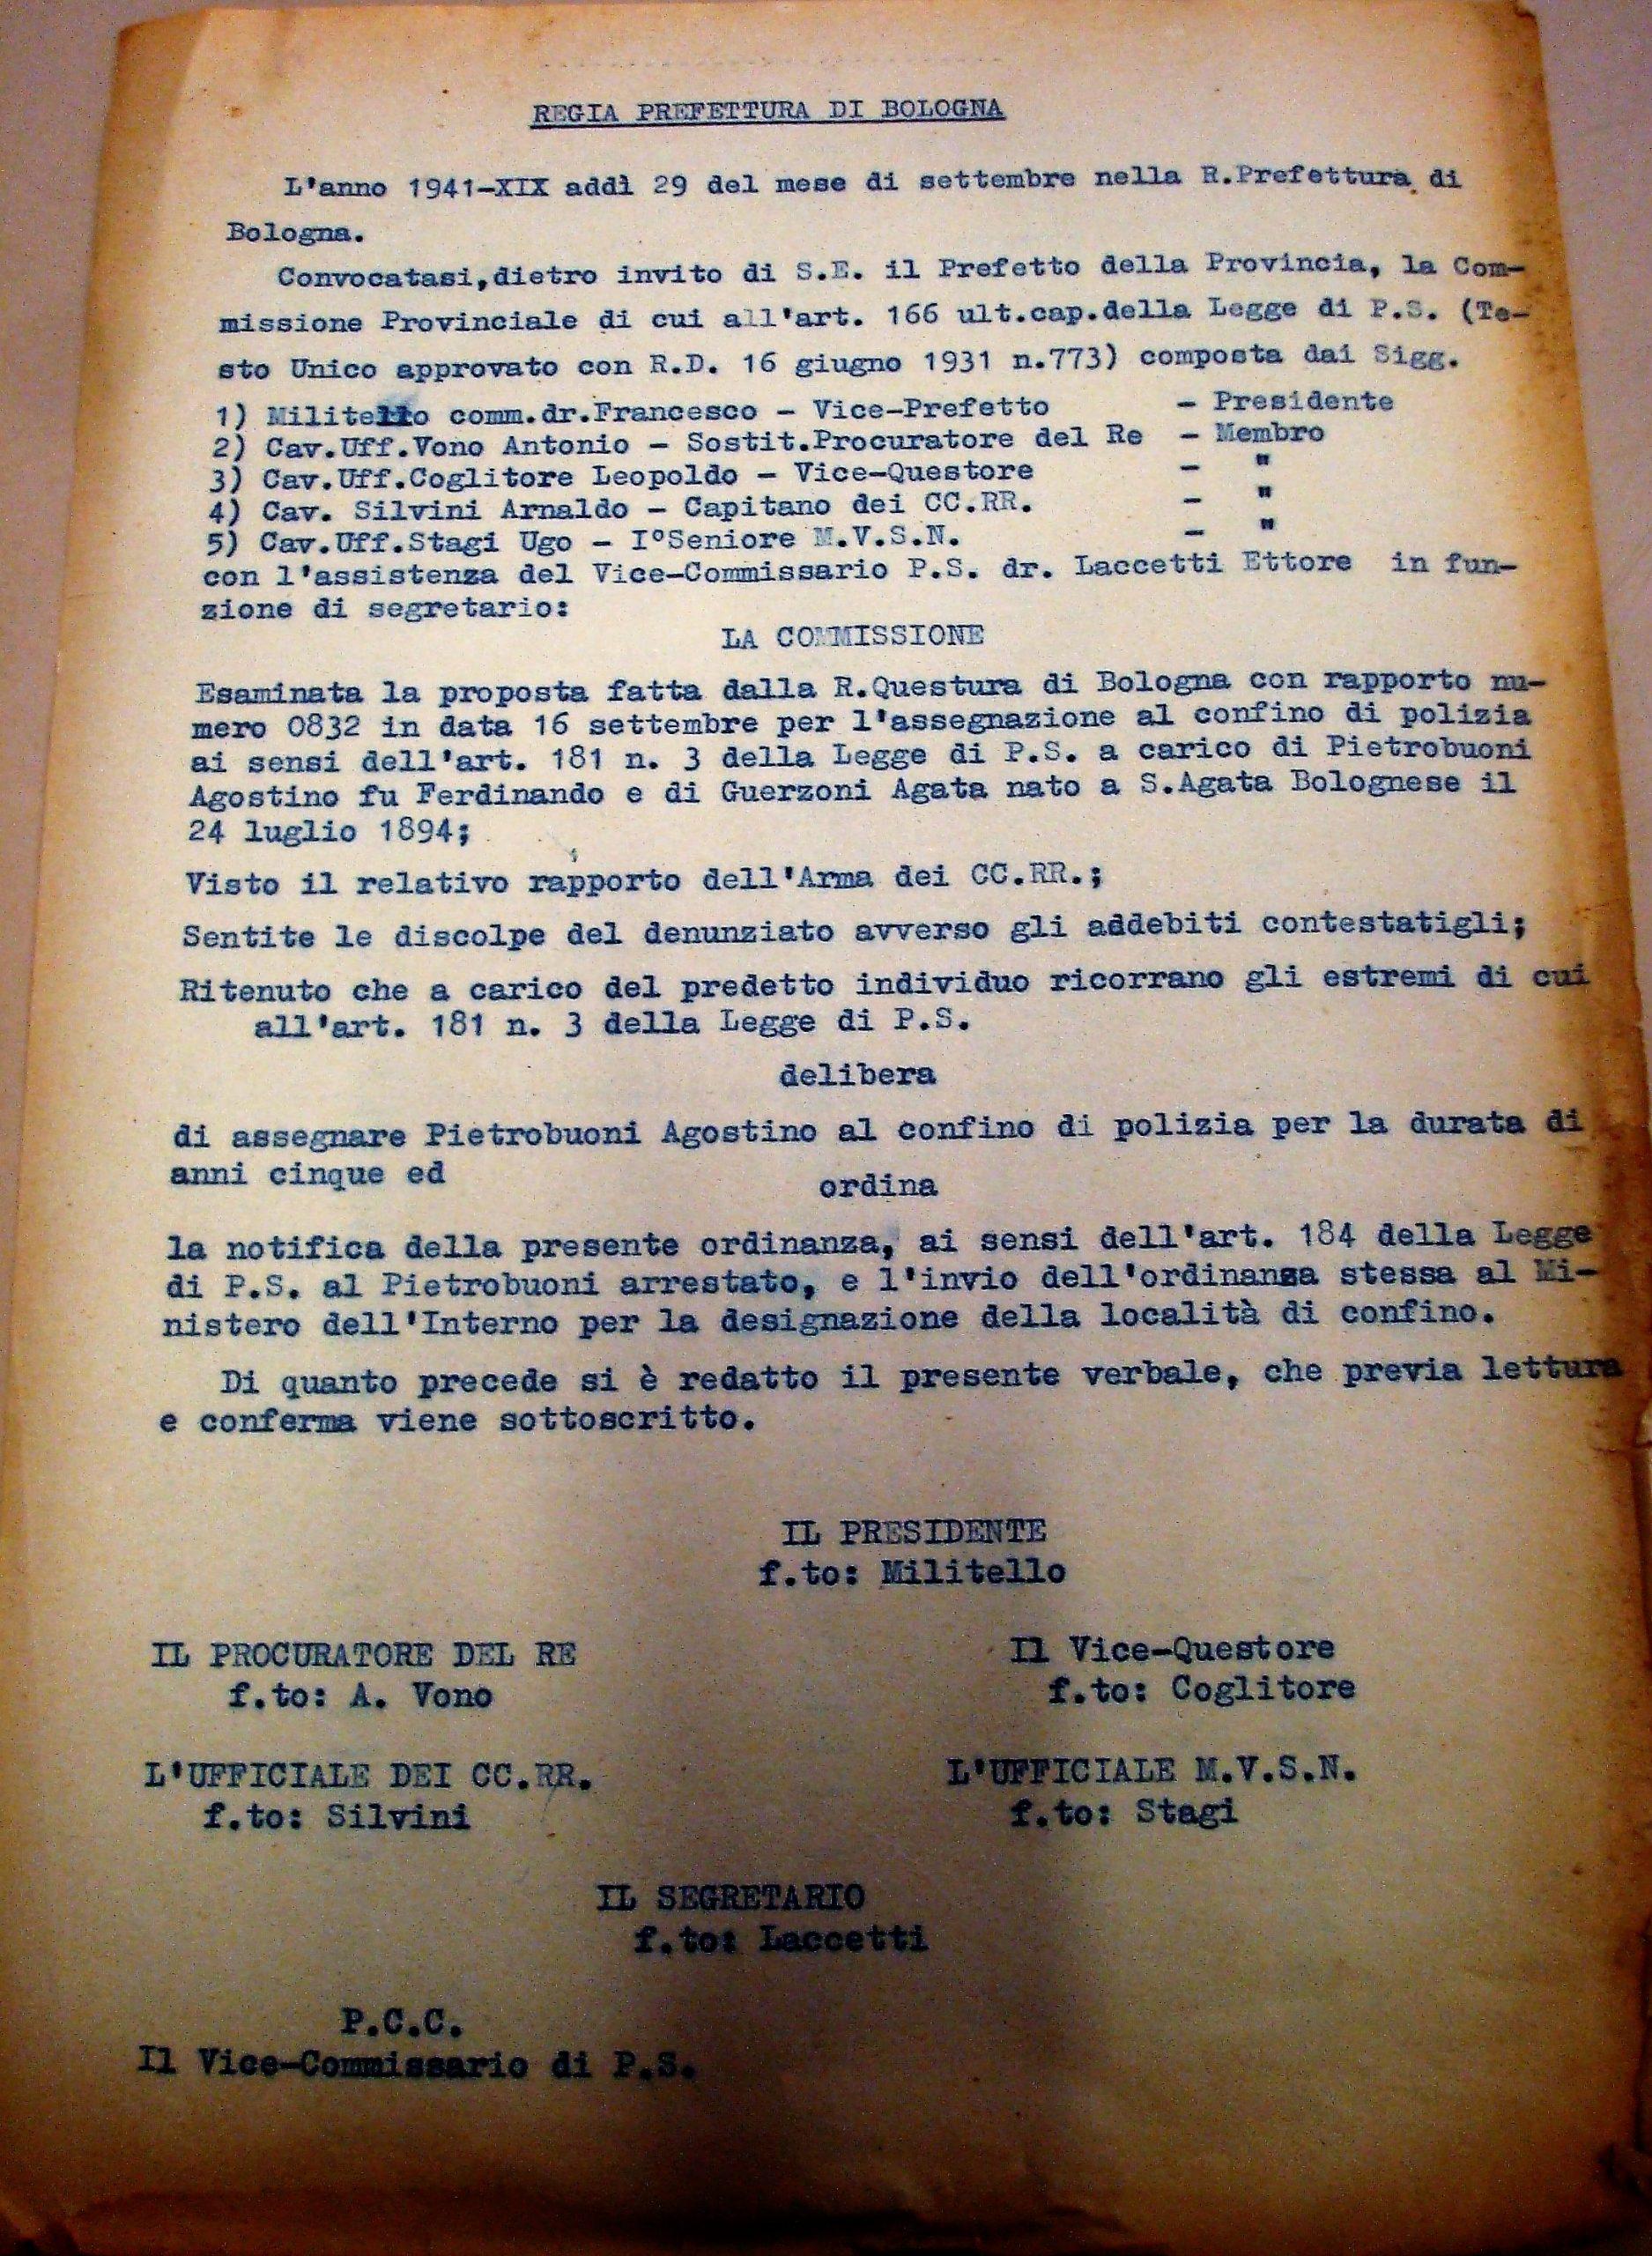 La sentenza di condanna al confino per cinque anni comminata dalla Commissione Provinciale di Bologna ad Agostino Pietrobuoni, il 29 settembre 1941. Archivio di Stato di Bologna.